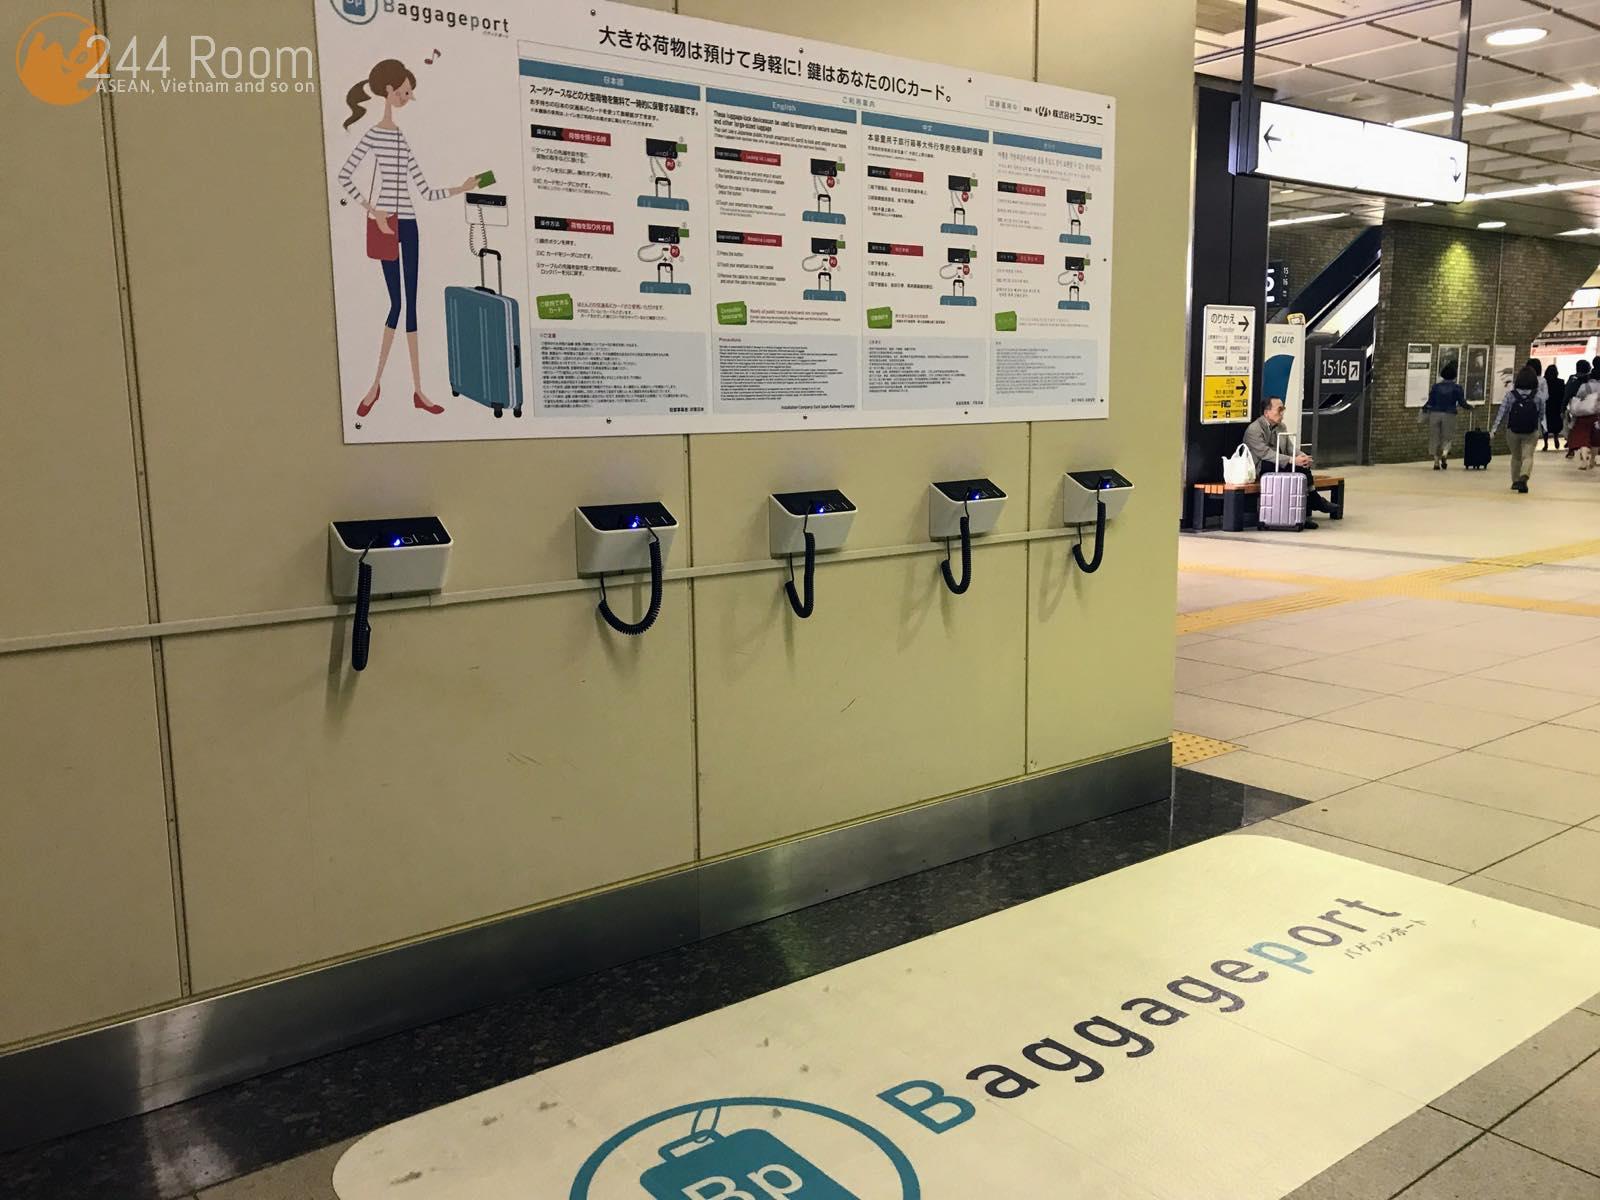 大宮駅バッゲジポート Baggageport2